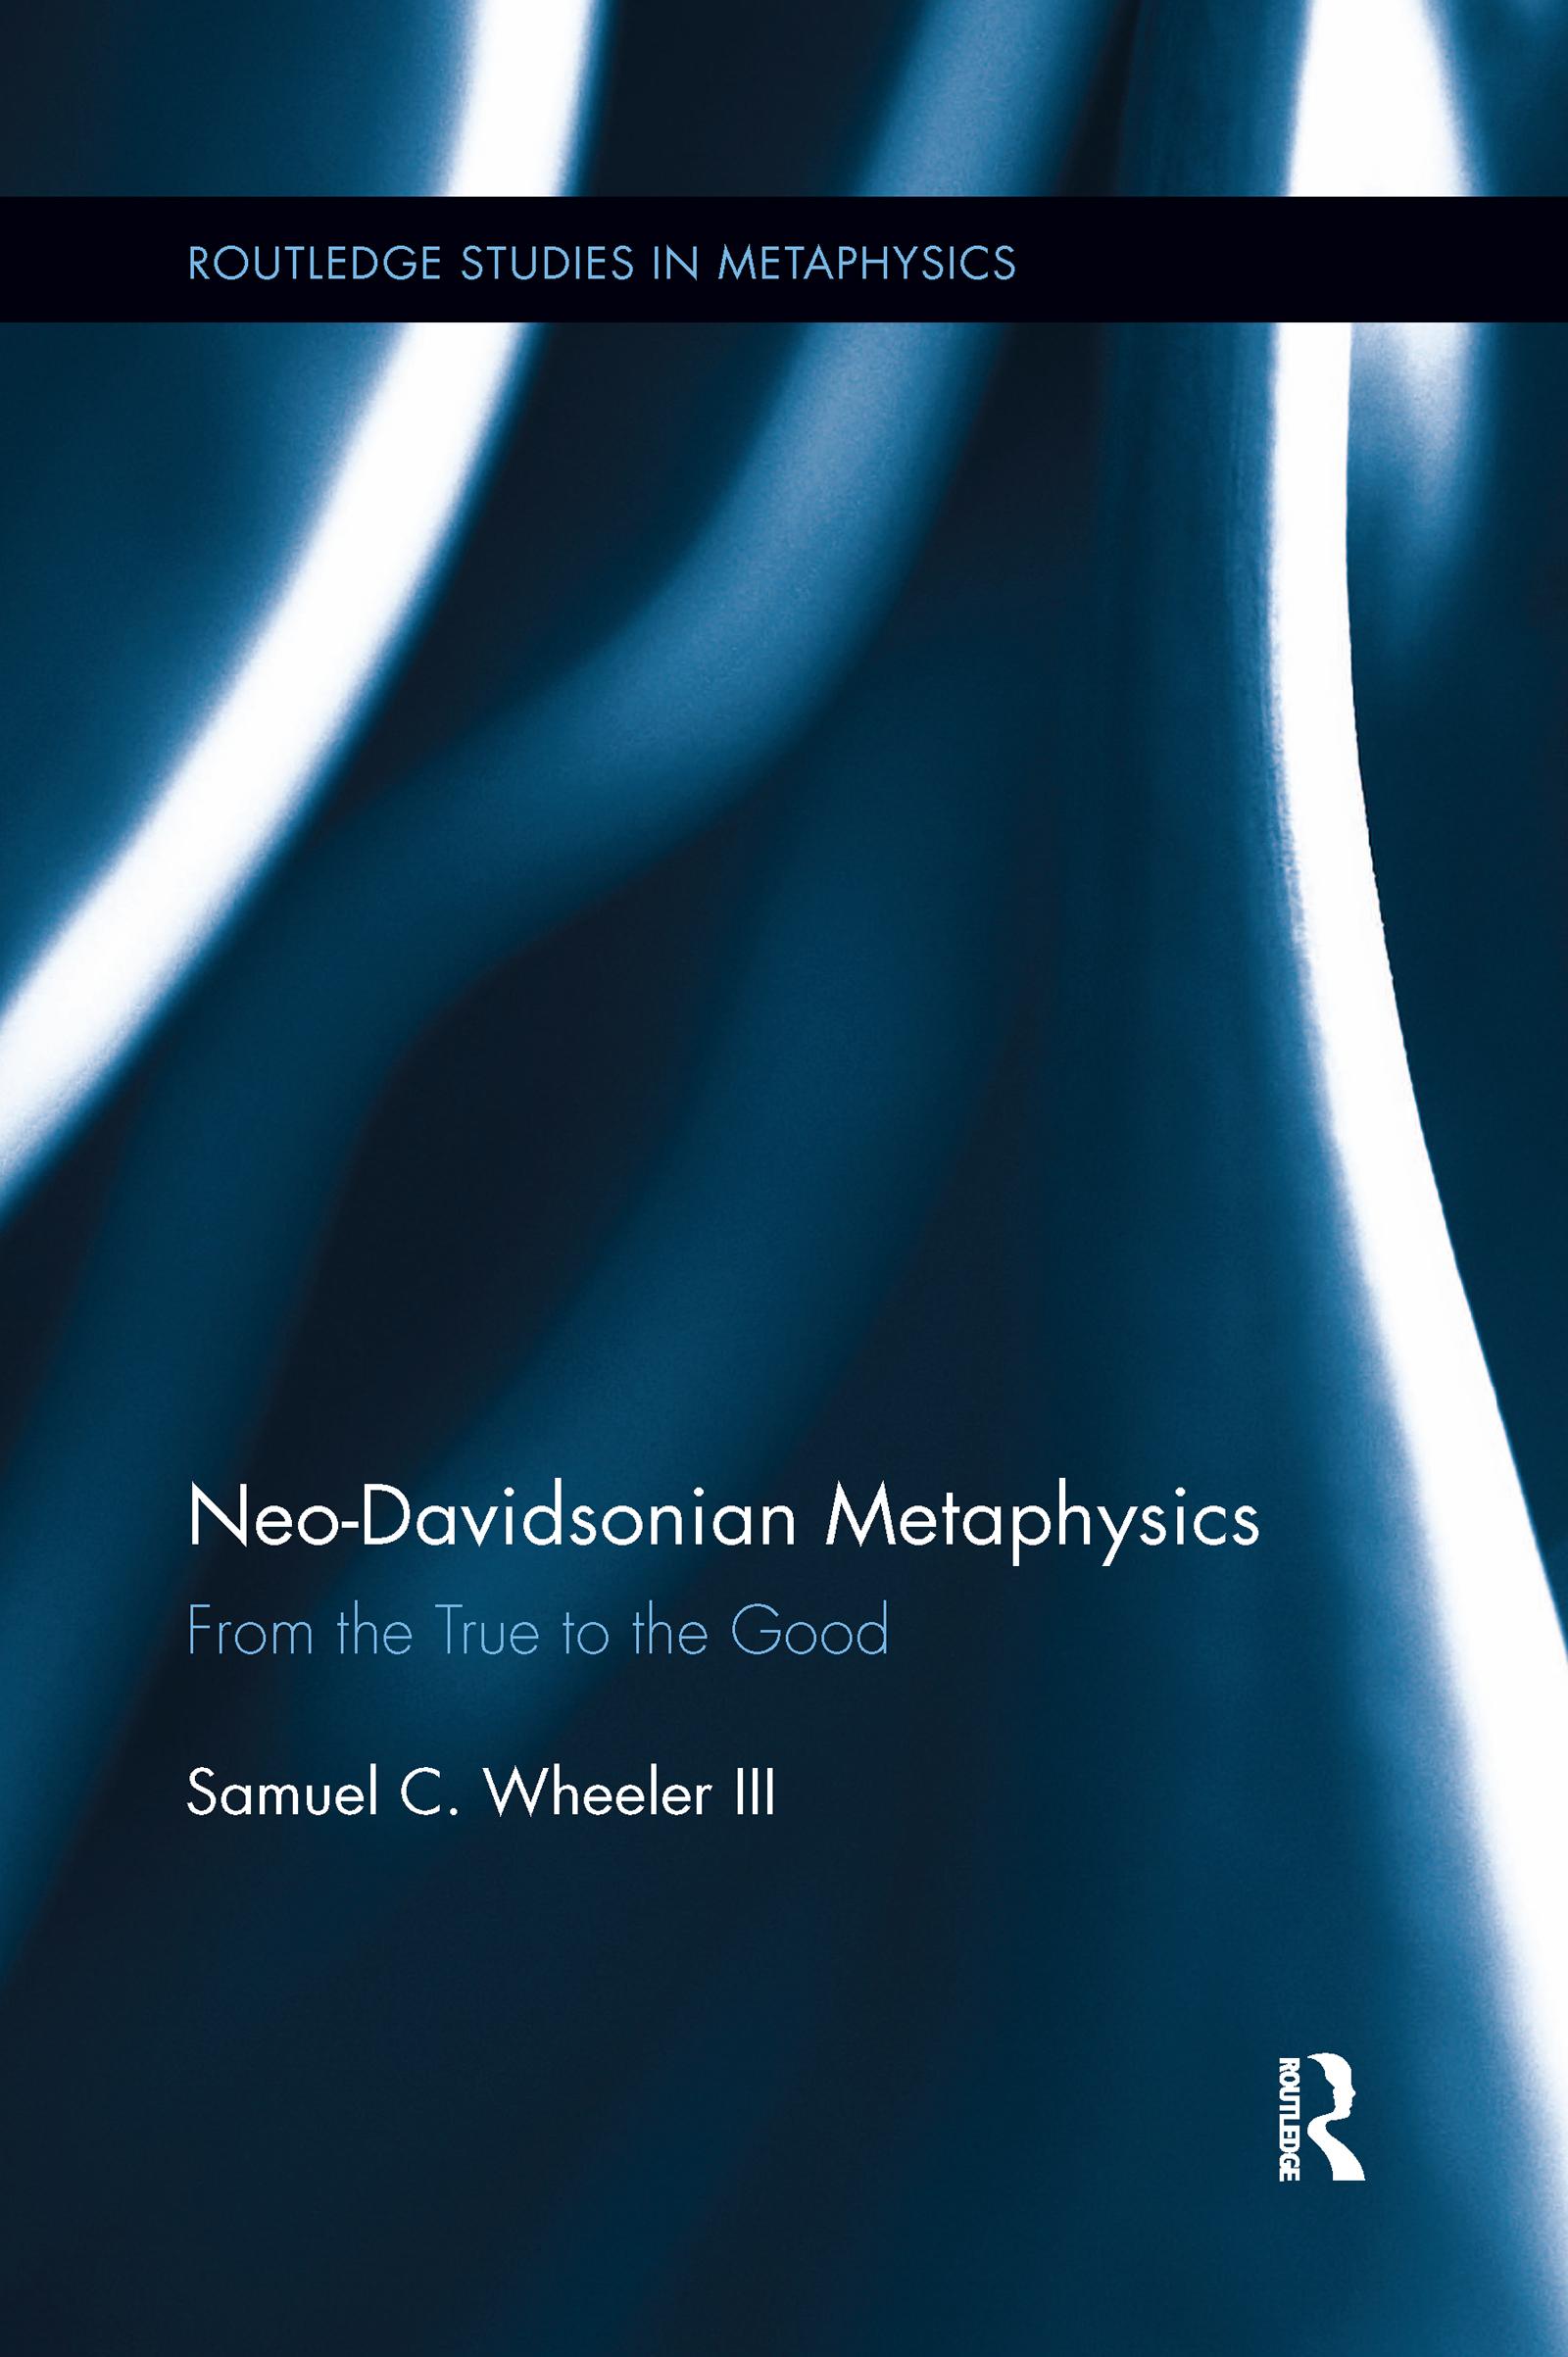 Neo-Davidsonian Metaphysics